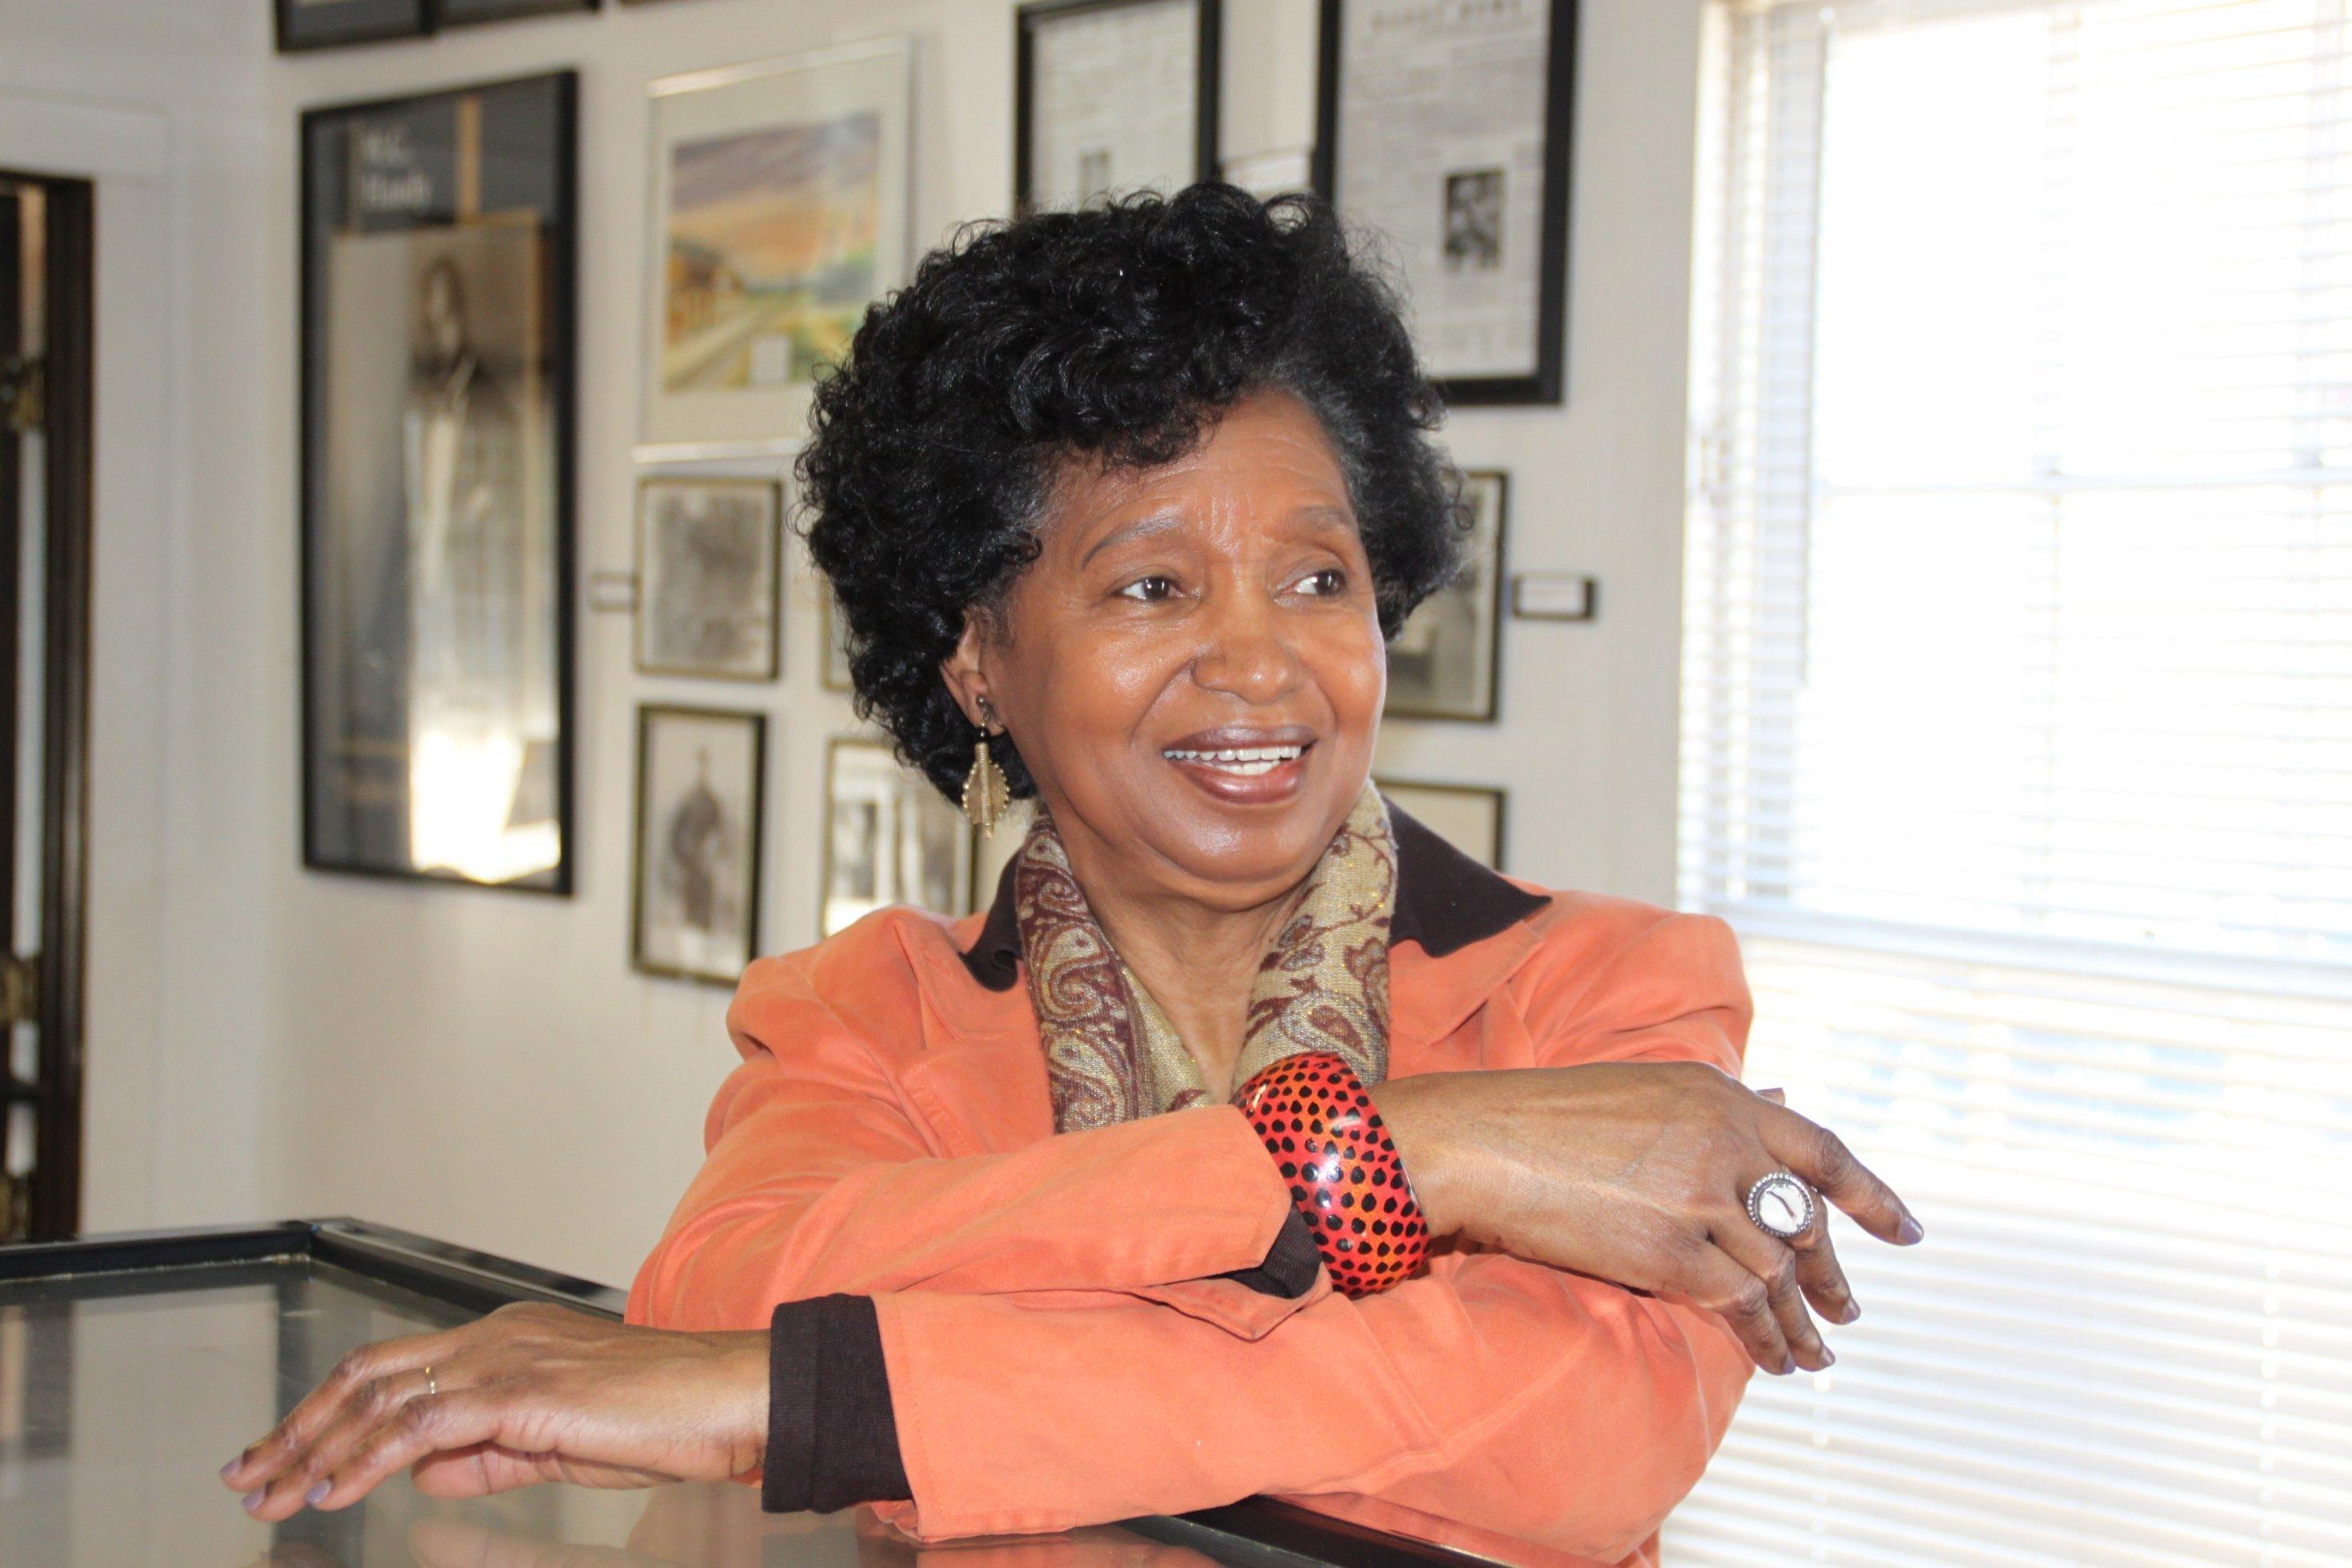 Eine schwarze Frau, die lächelt.